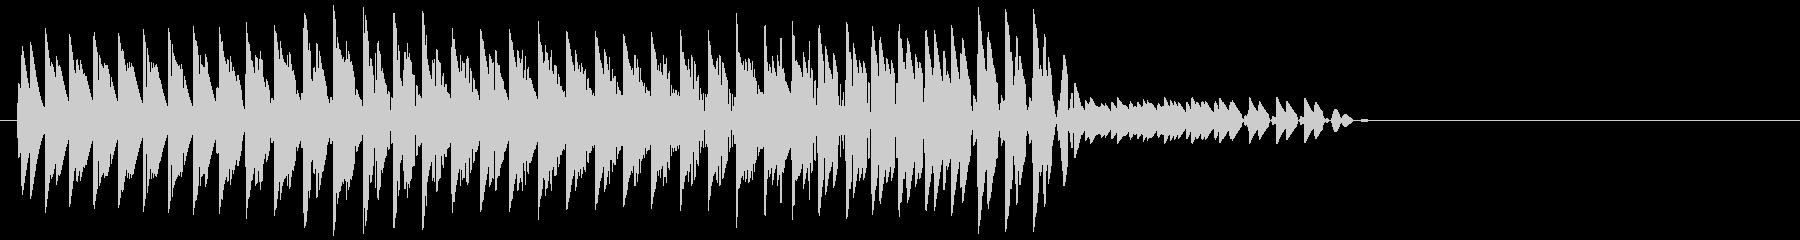 ビヨン(エラー音、アラート音、ミス)の未再生の波形